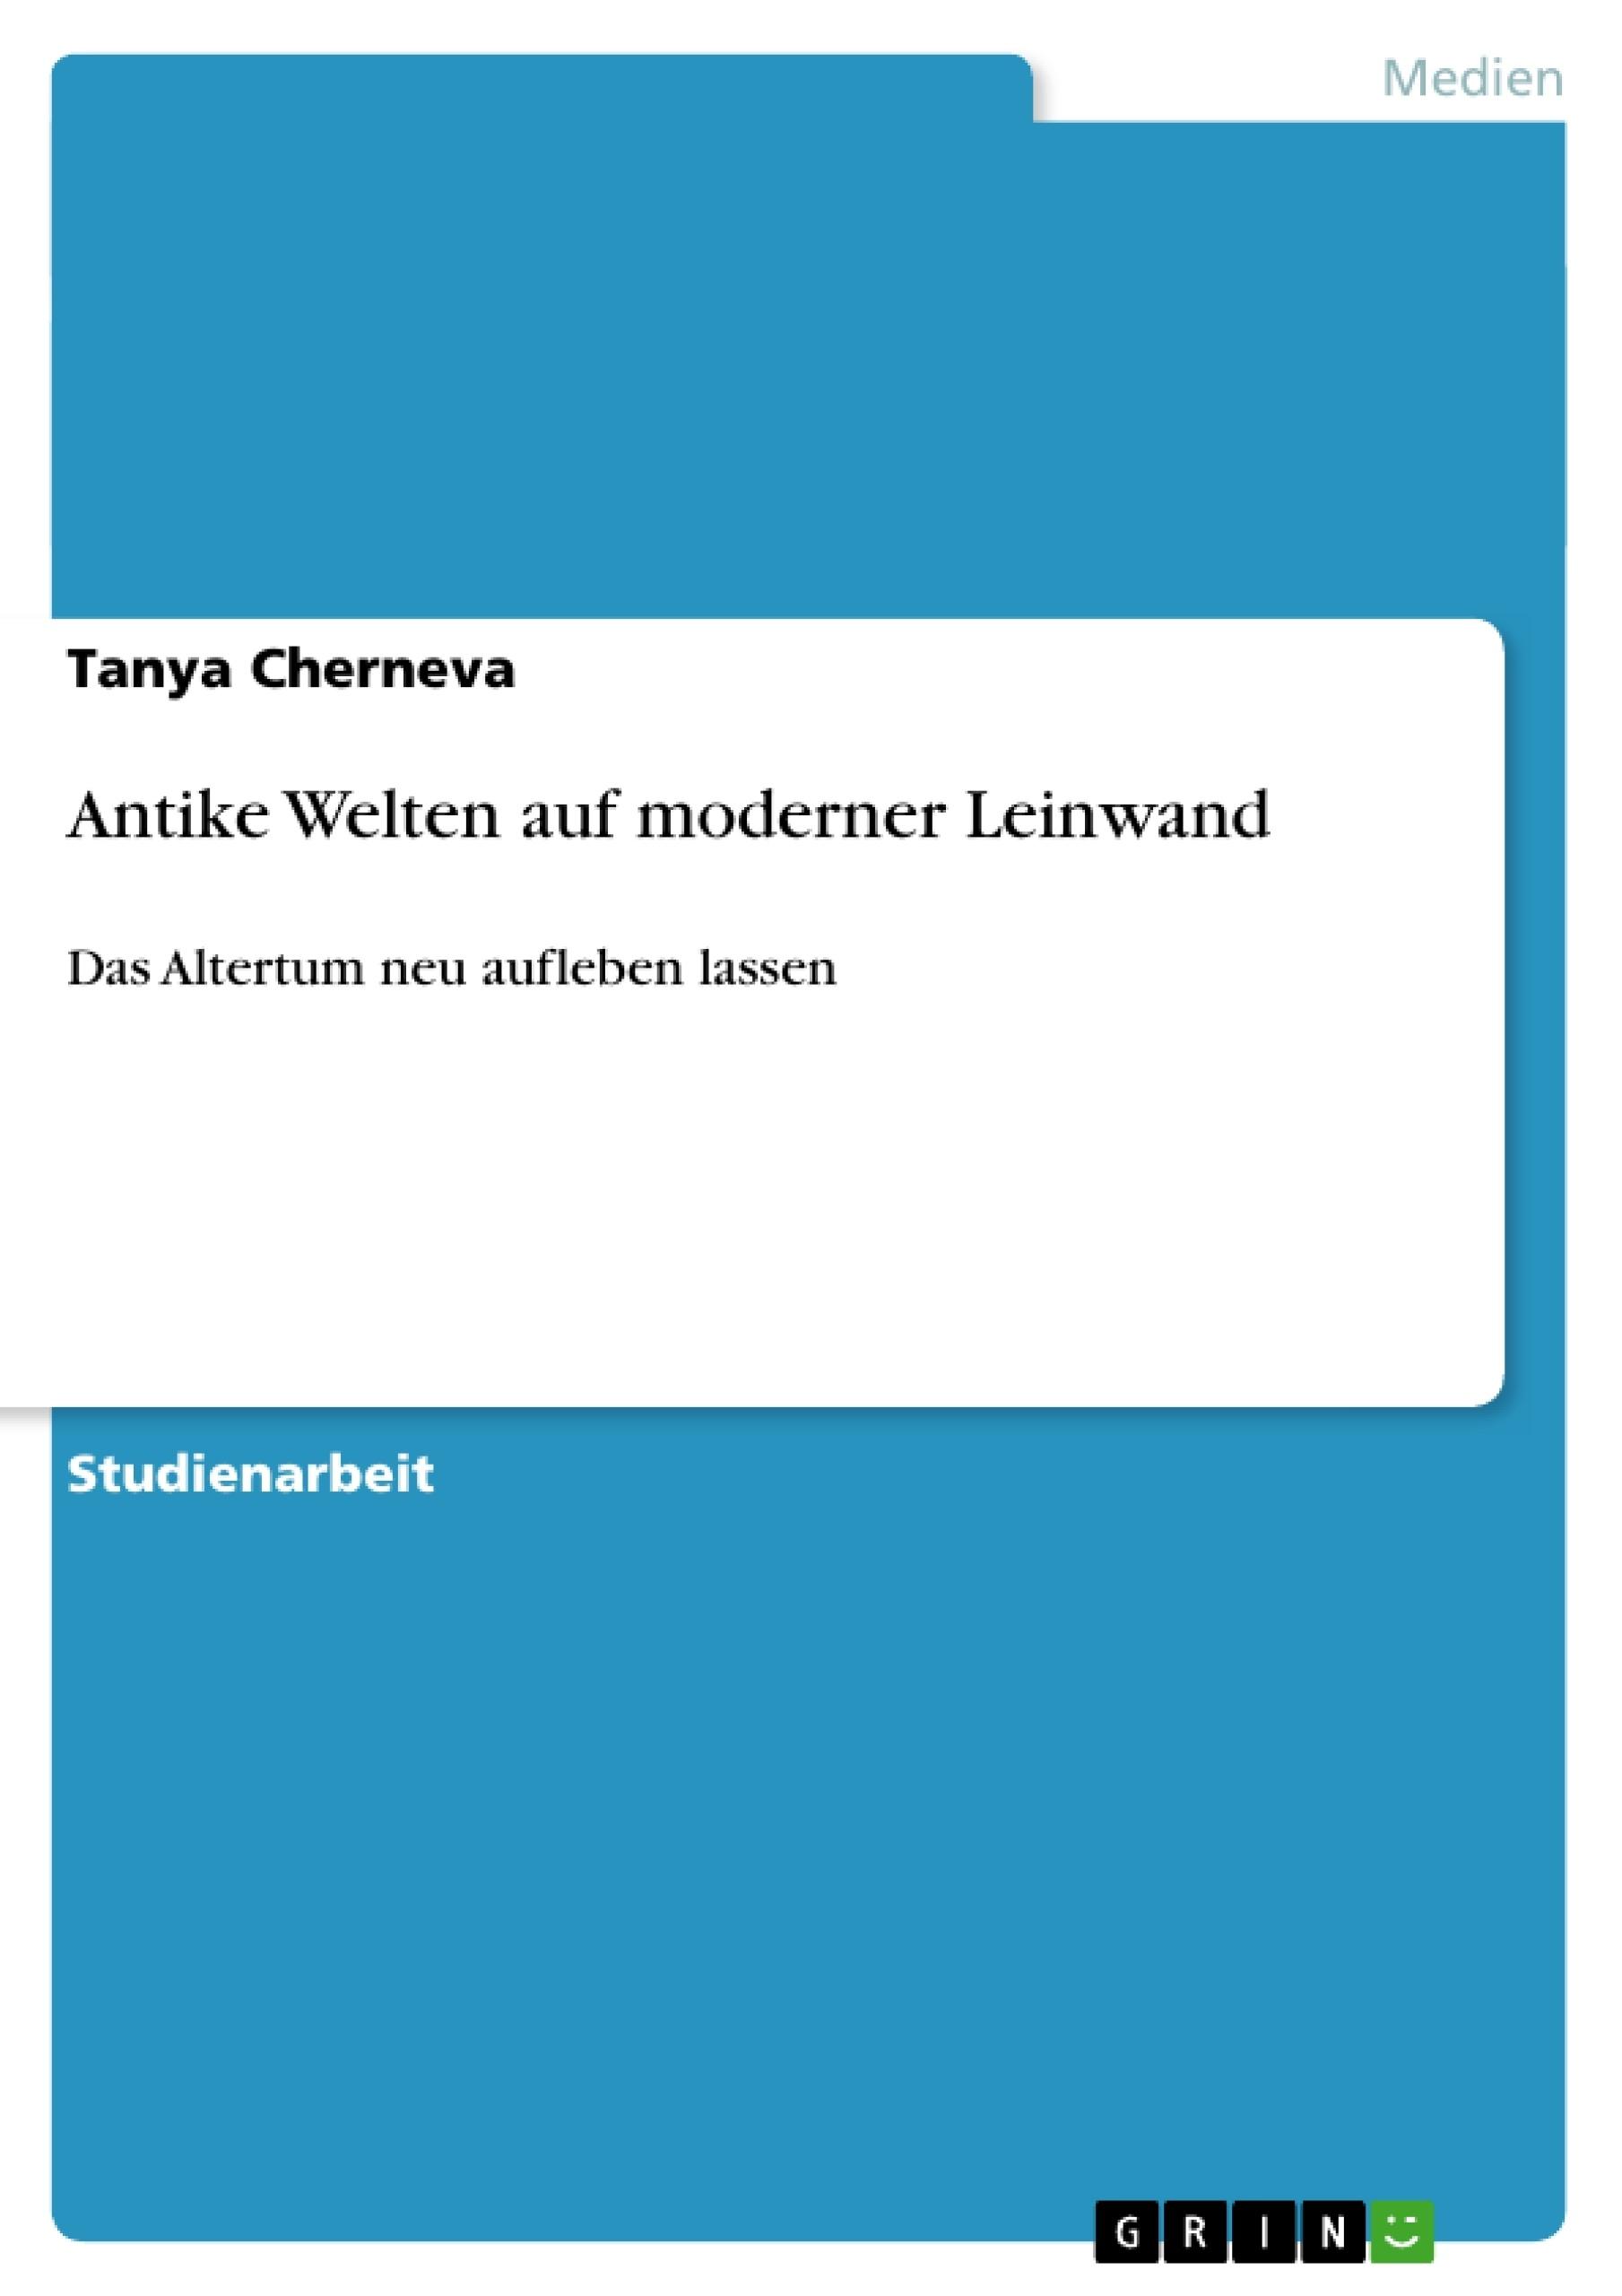 Titel: Antike Welten auf moderner Leinwand